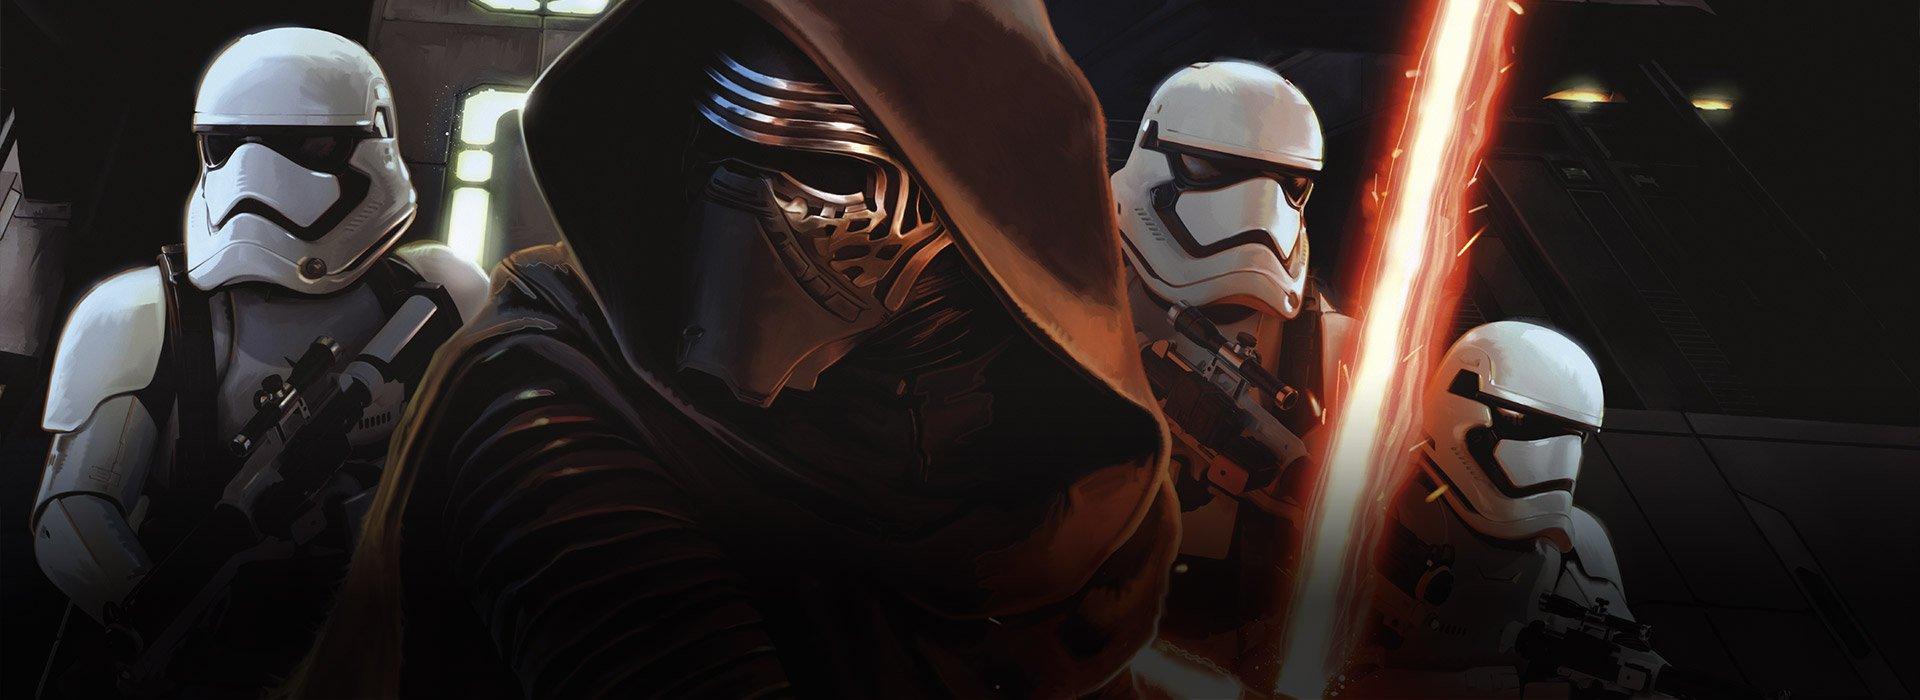 """Это было звездато. Рецензия на """"Звёздные войны: Пробуждение силы"""" - Изображение 7"""